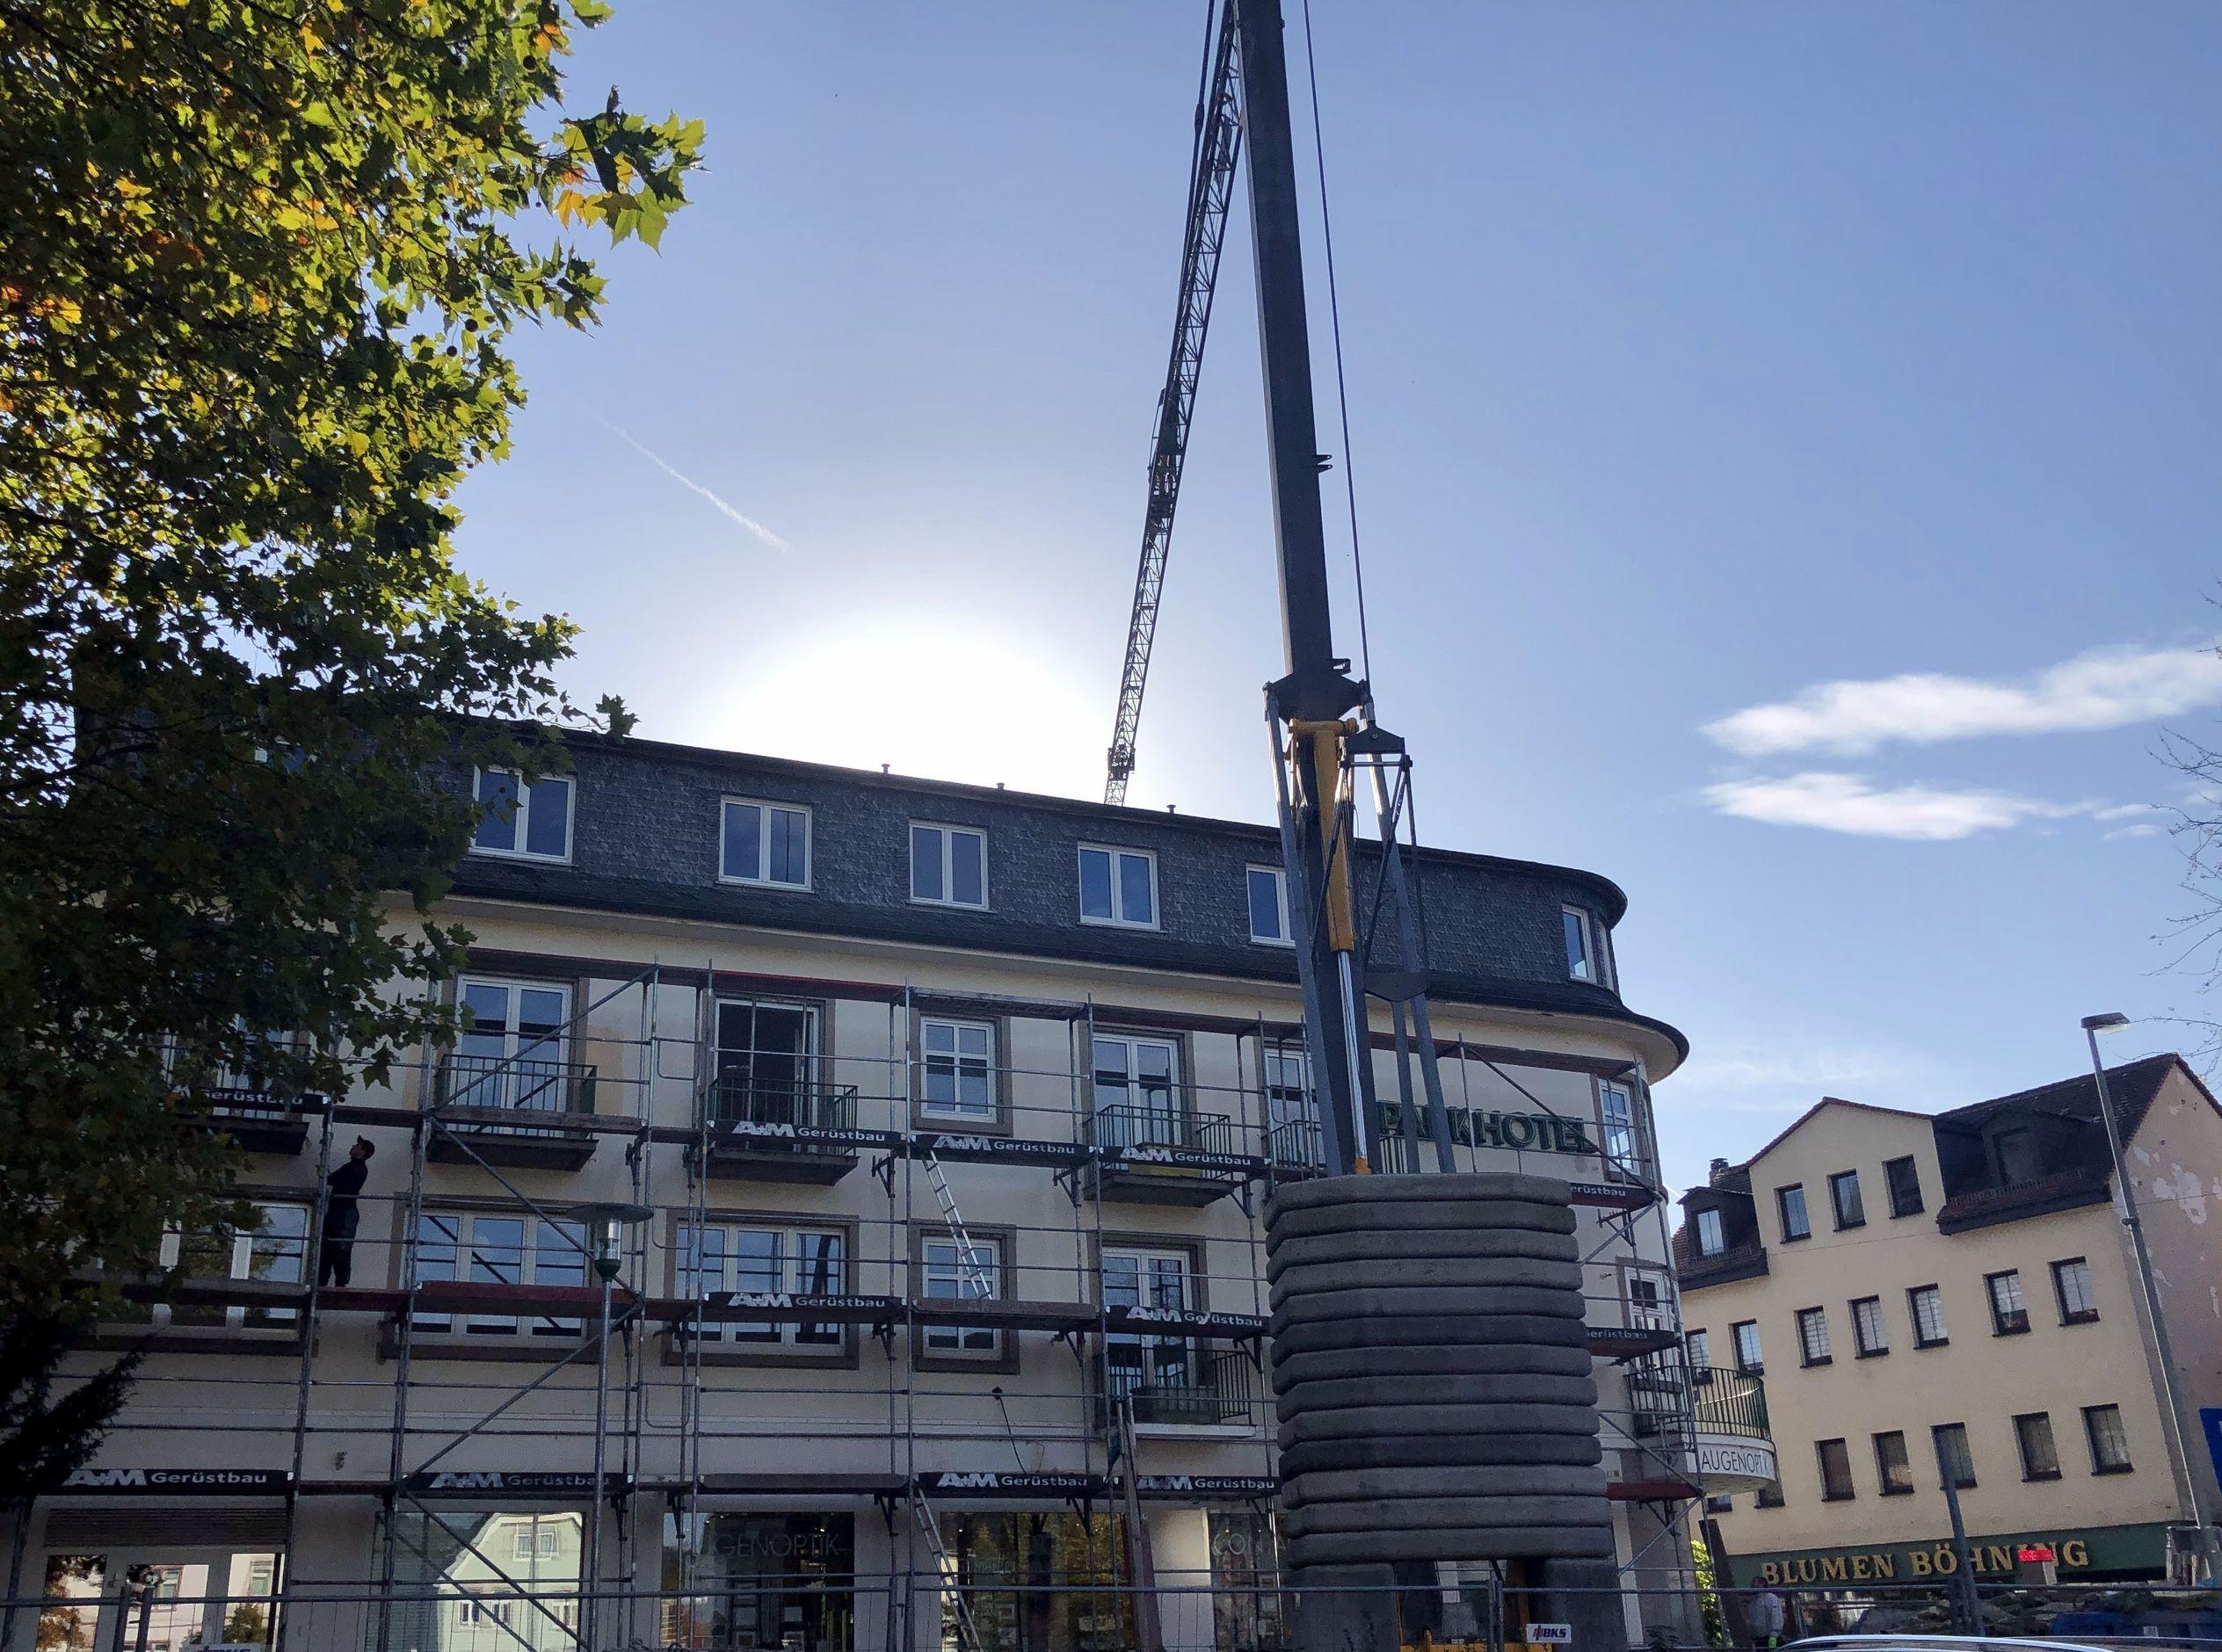 Parkhotel Bender - Rohbauarbeiten, Einbau Aufzugsschacht, Zisterne unter dem Gebäude, Erneuerung der Abwasserleitungen (Bankbau)